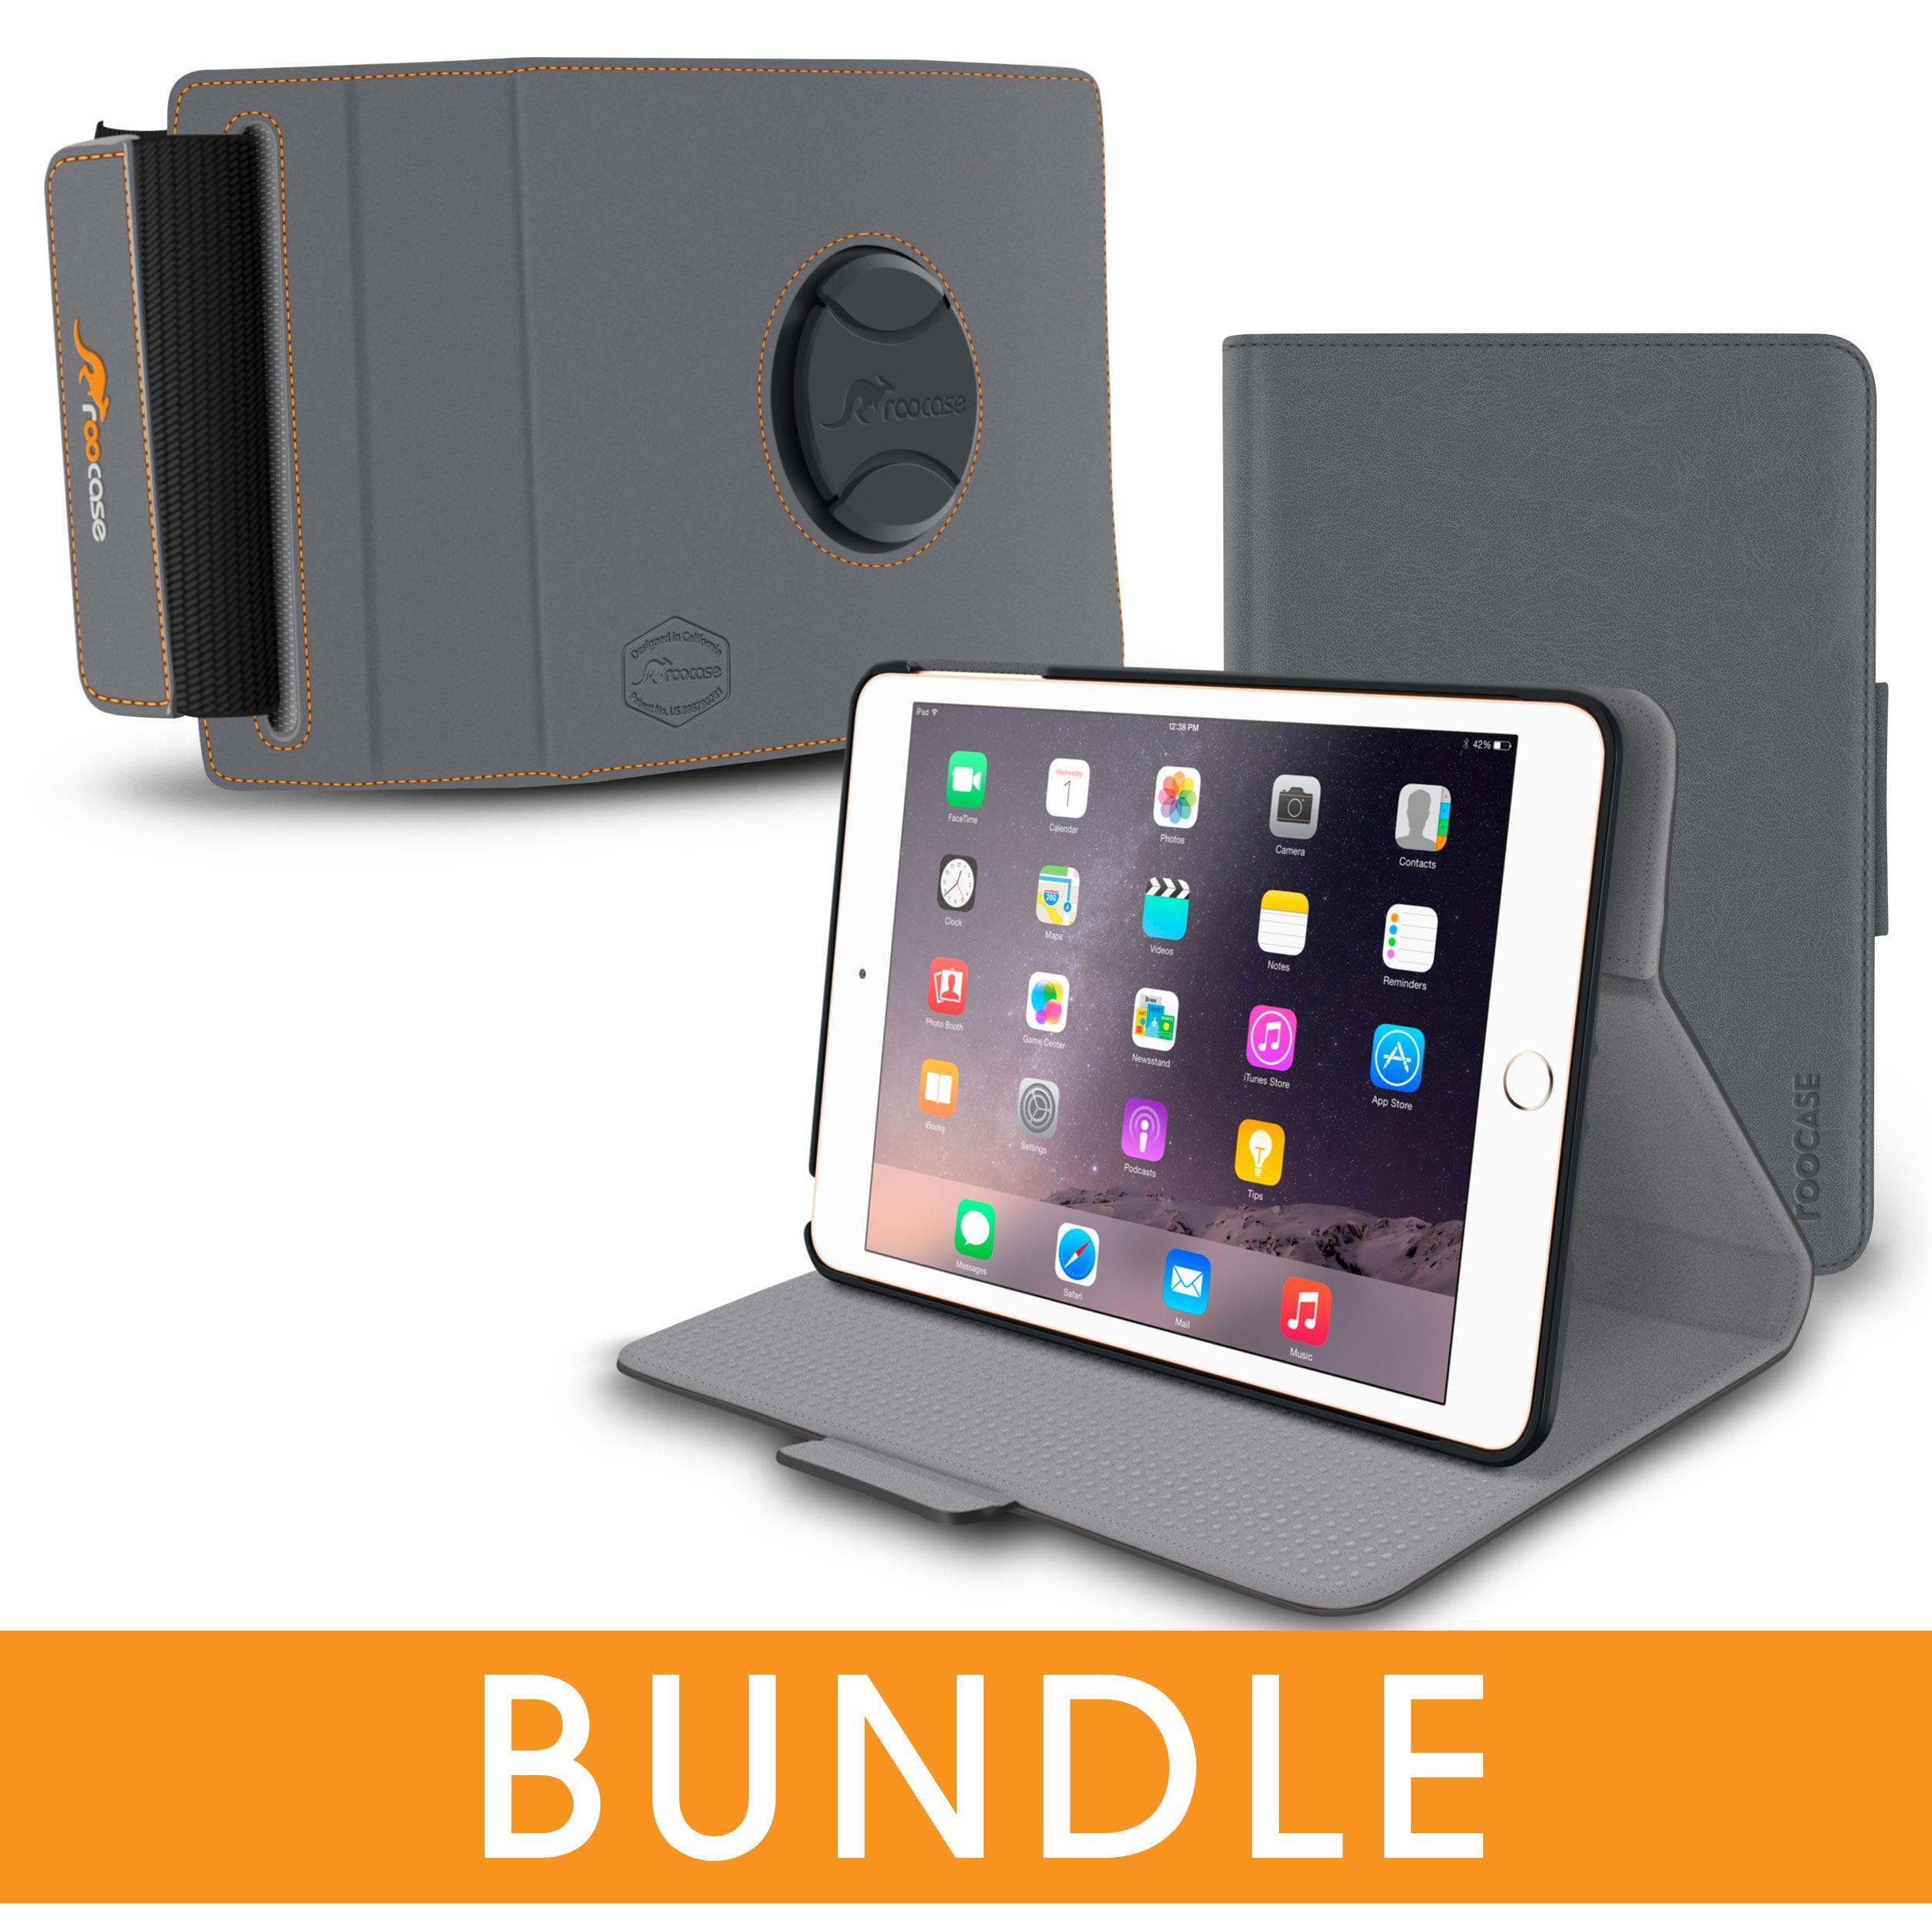 iPad Mini 3 2 1 Case, rooCASE Orb Folio 360 Rotating Leather Case with Car Mount Attachment for Apple iPad Mini 3 2 1